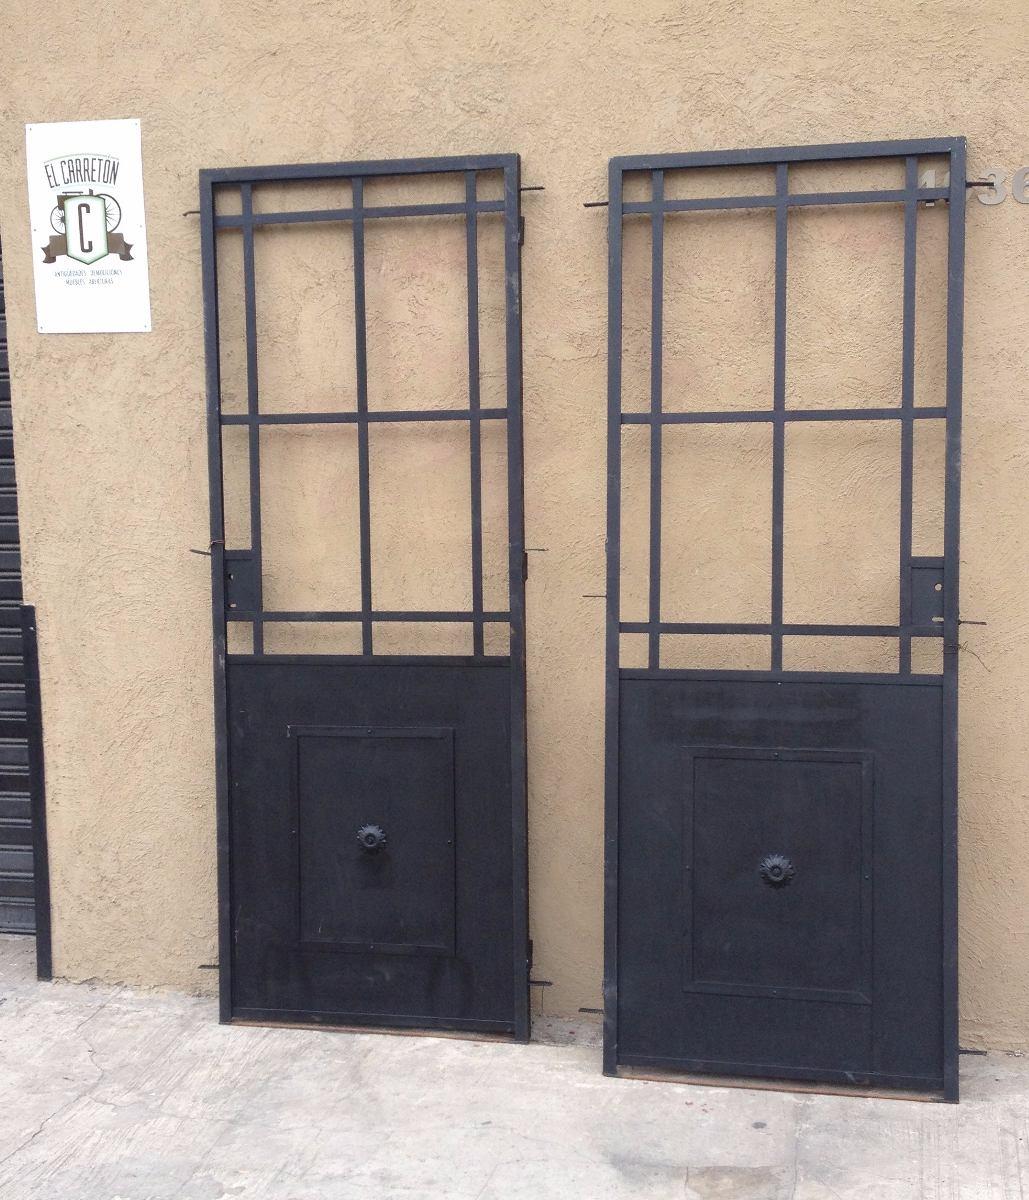 Elcarreton Puerta 1hoja De Hierro Vidrio Repartido 70x200